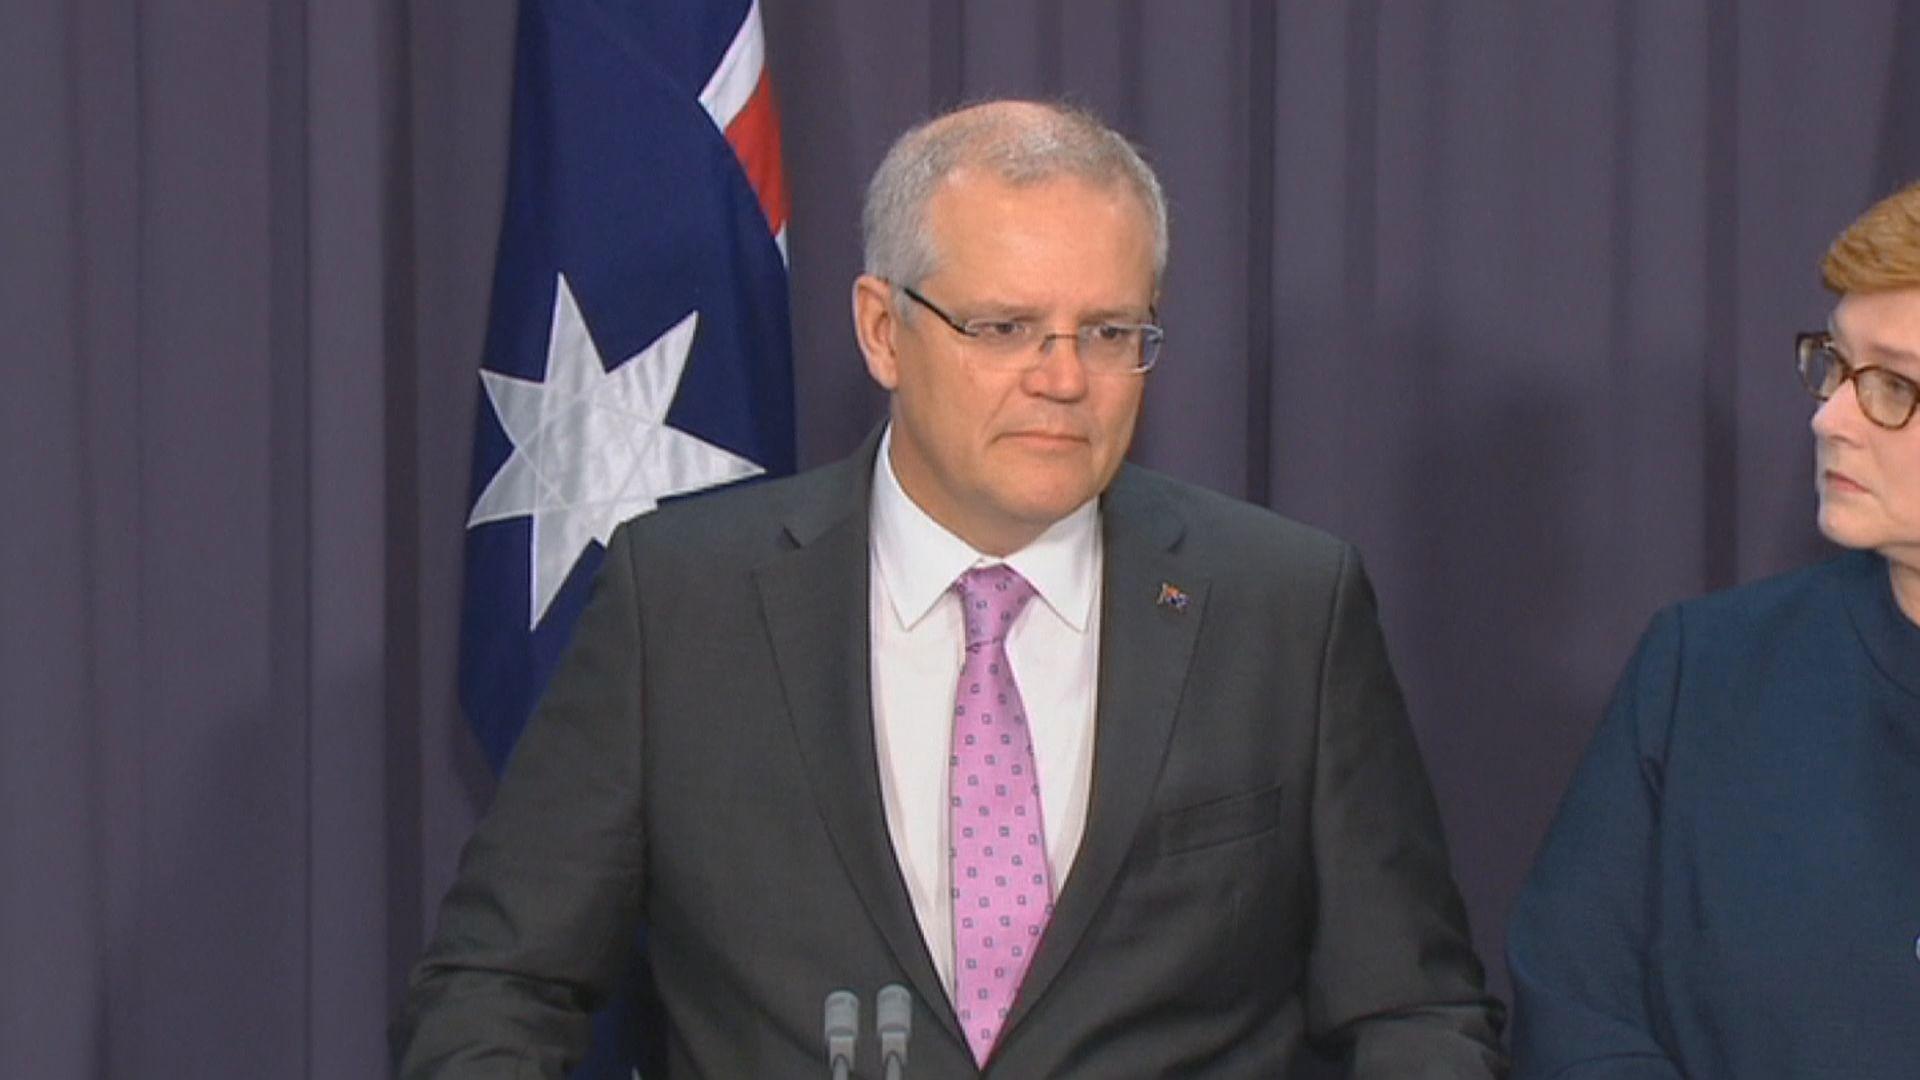 澳洲擬將駐以大使館遷至耶路撒冷